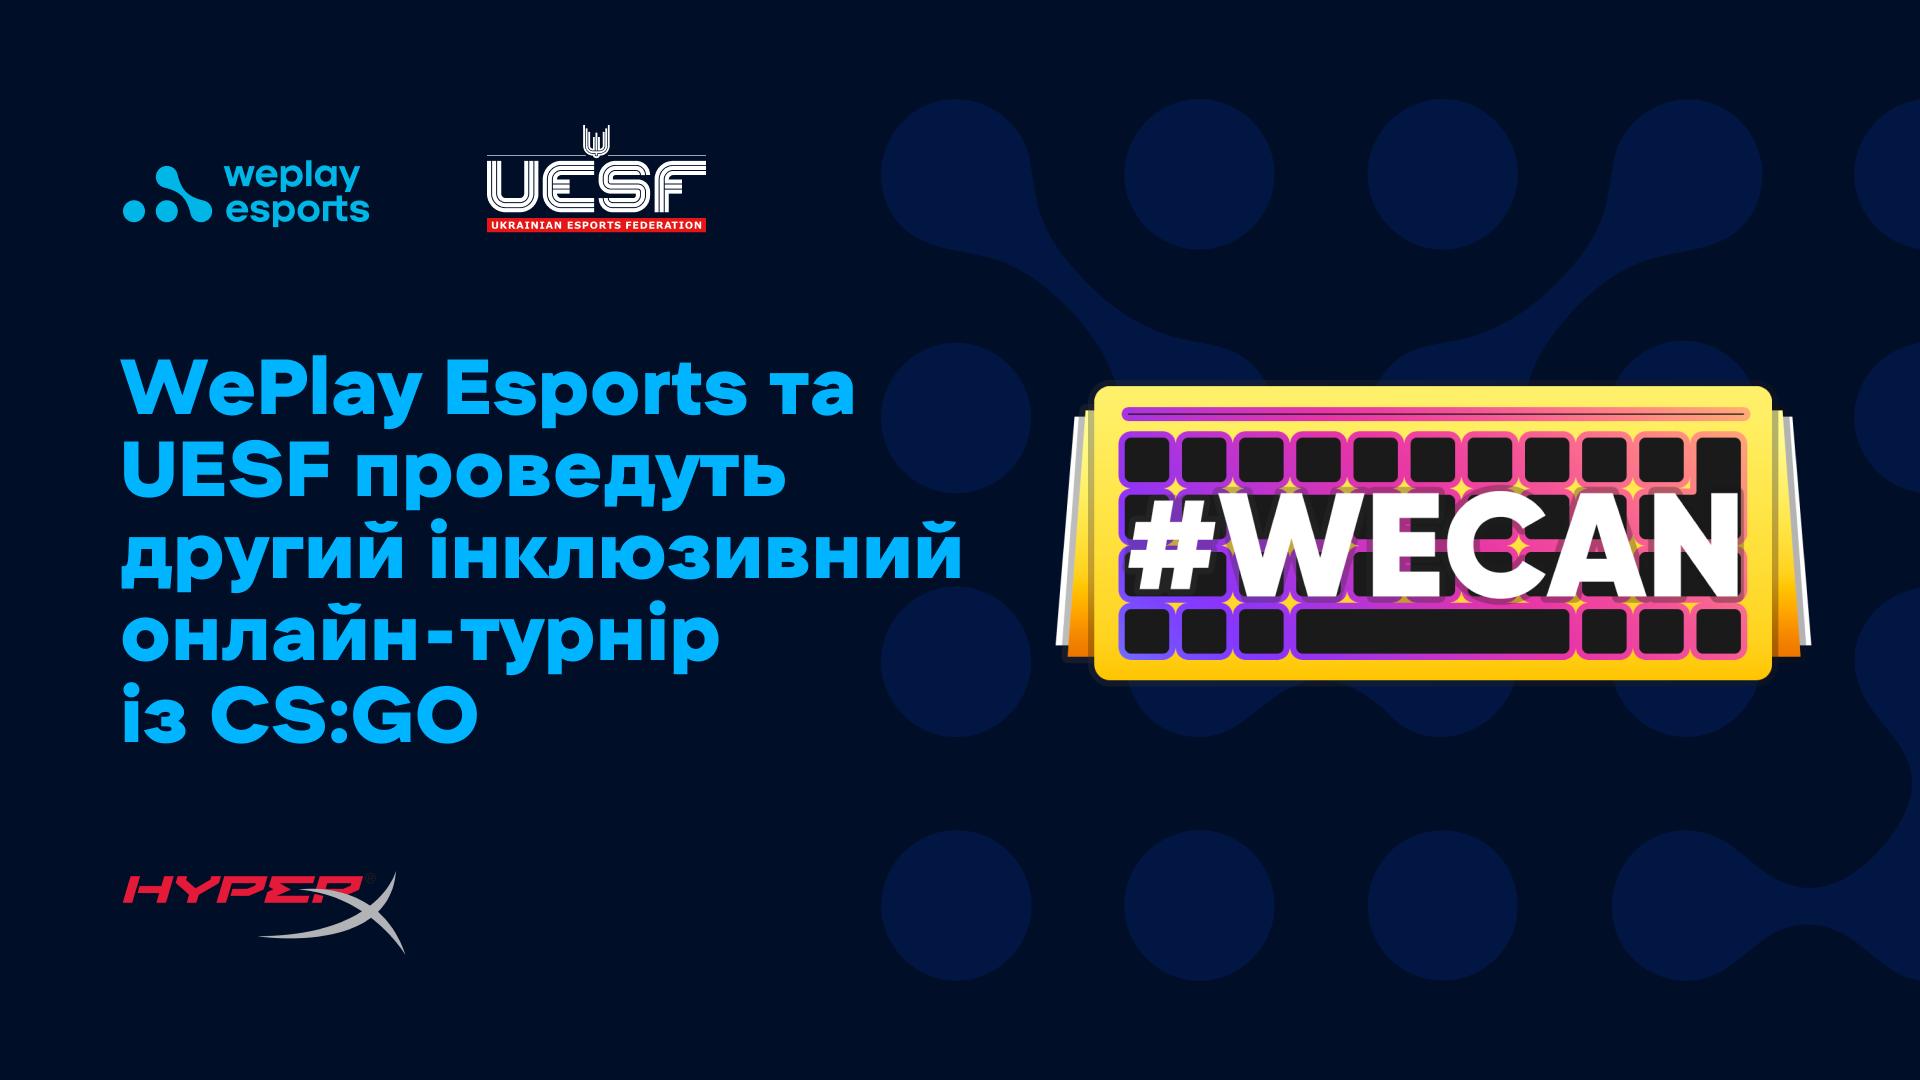 WePlay Esports і UESF проведуть другий інклюзивний онлайн-турнір з CS:GO